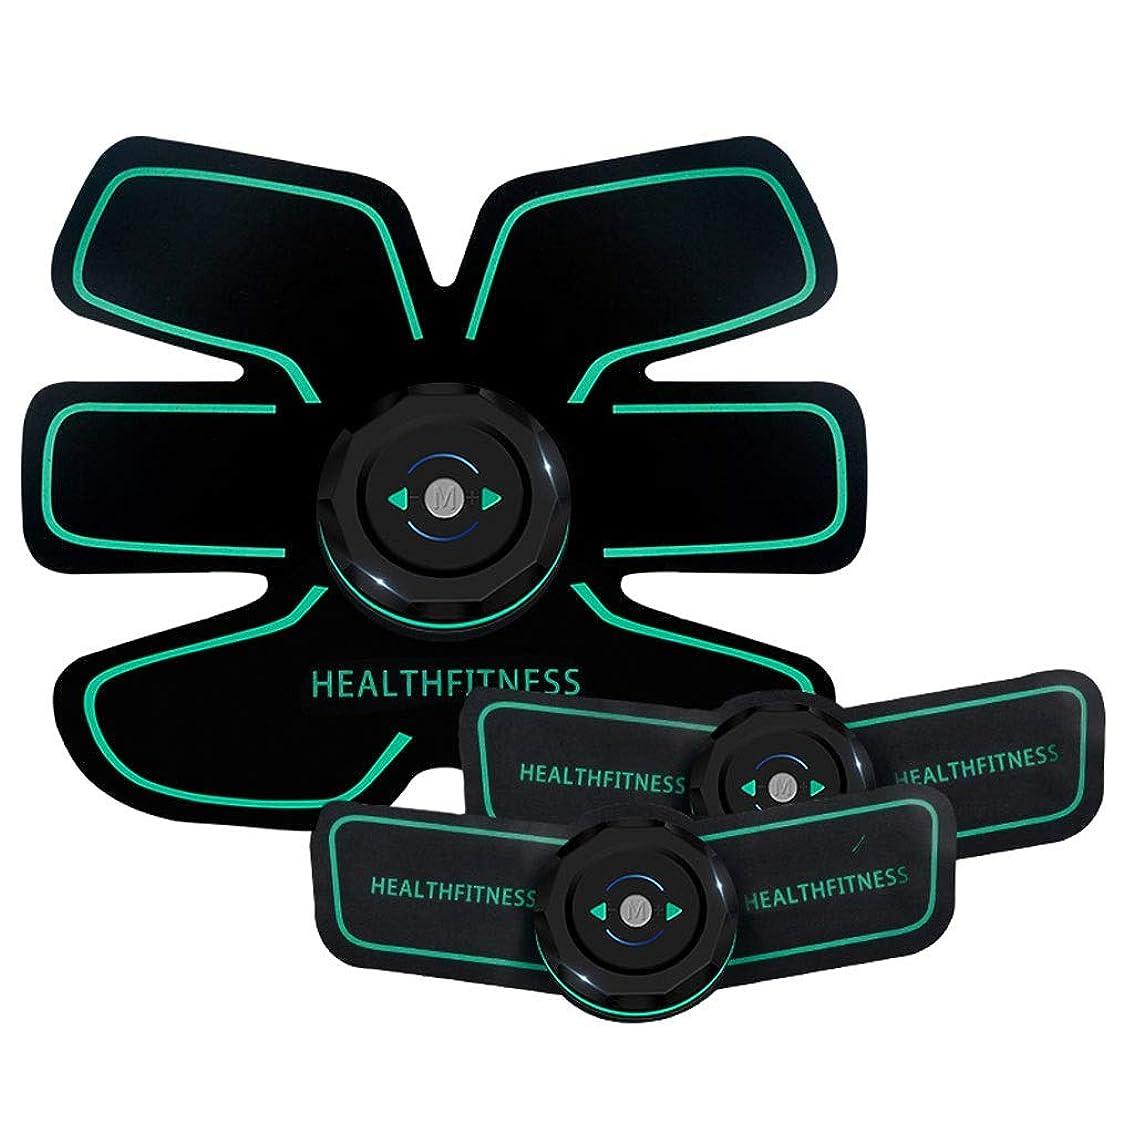 符号ラッチ魂ABS刺激&筋肉トナー腹部調色ベルト&EMSボディ筋肉トレーナー脂肪バーナー機器6モード&9グレード刺激強度ポータブルUSB充電器 (Color : Green, Size : A)